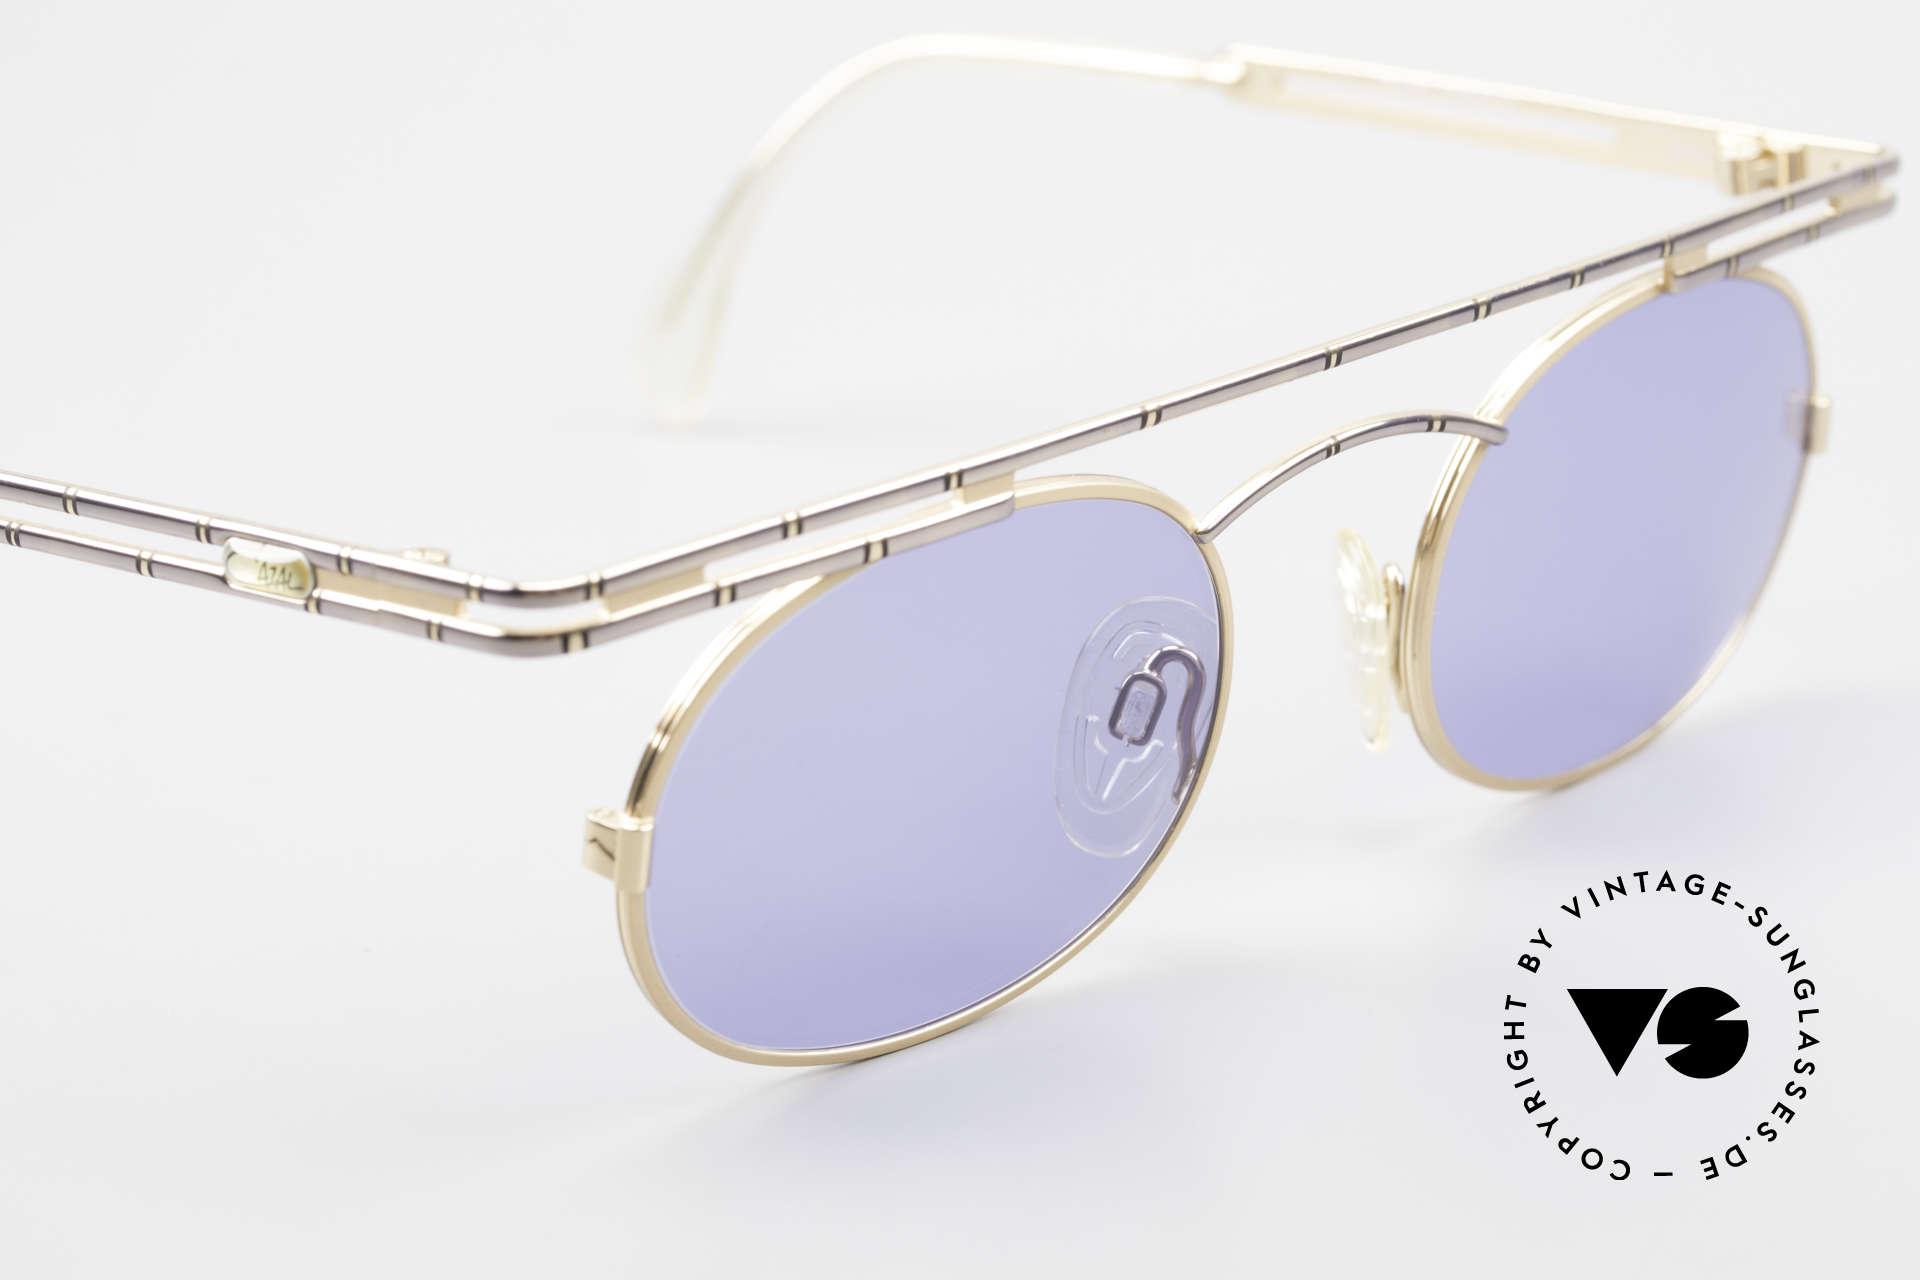 Cazal 761 Alte 90er Original Sonnenbrille, KEINE RETRObrille; eine echte VINTAGE Brille, Passend für Herren und Damen